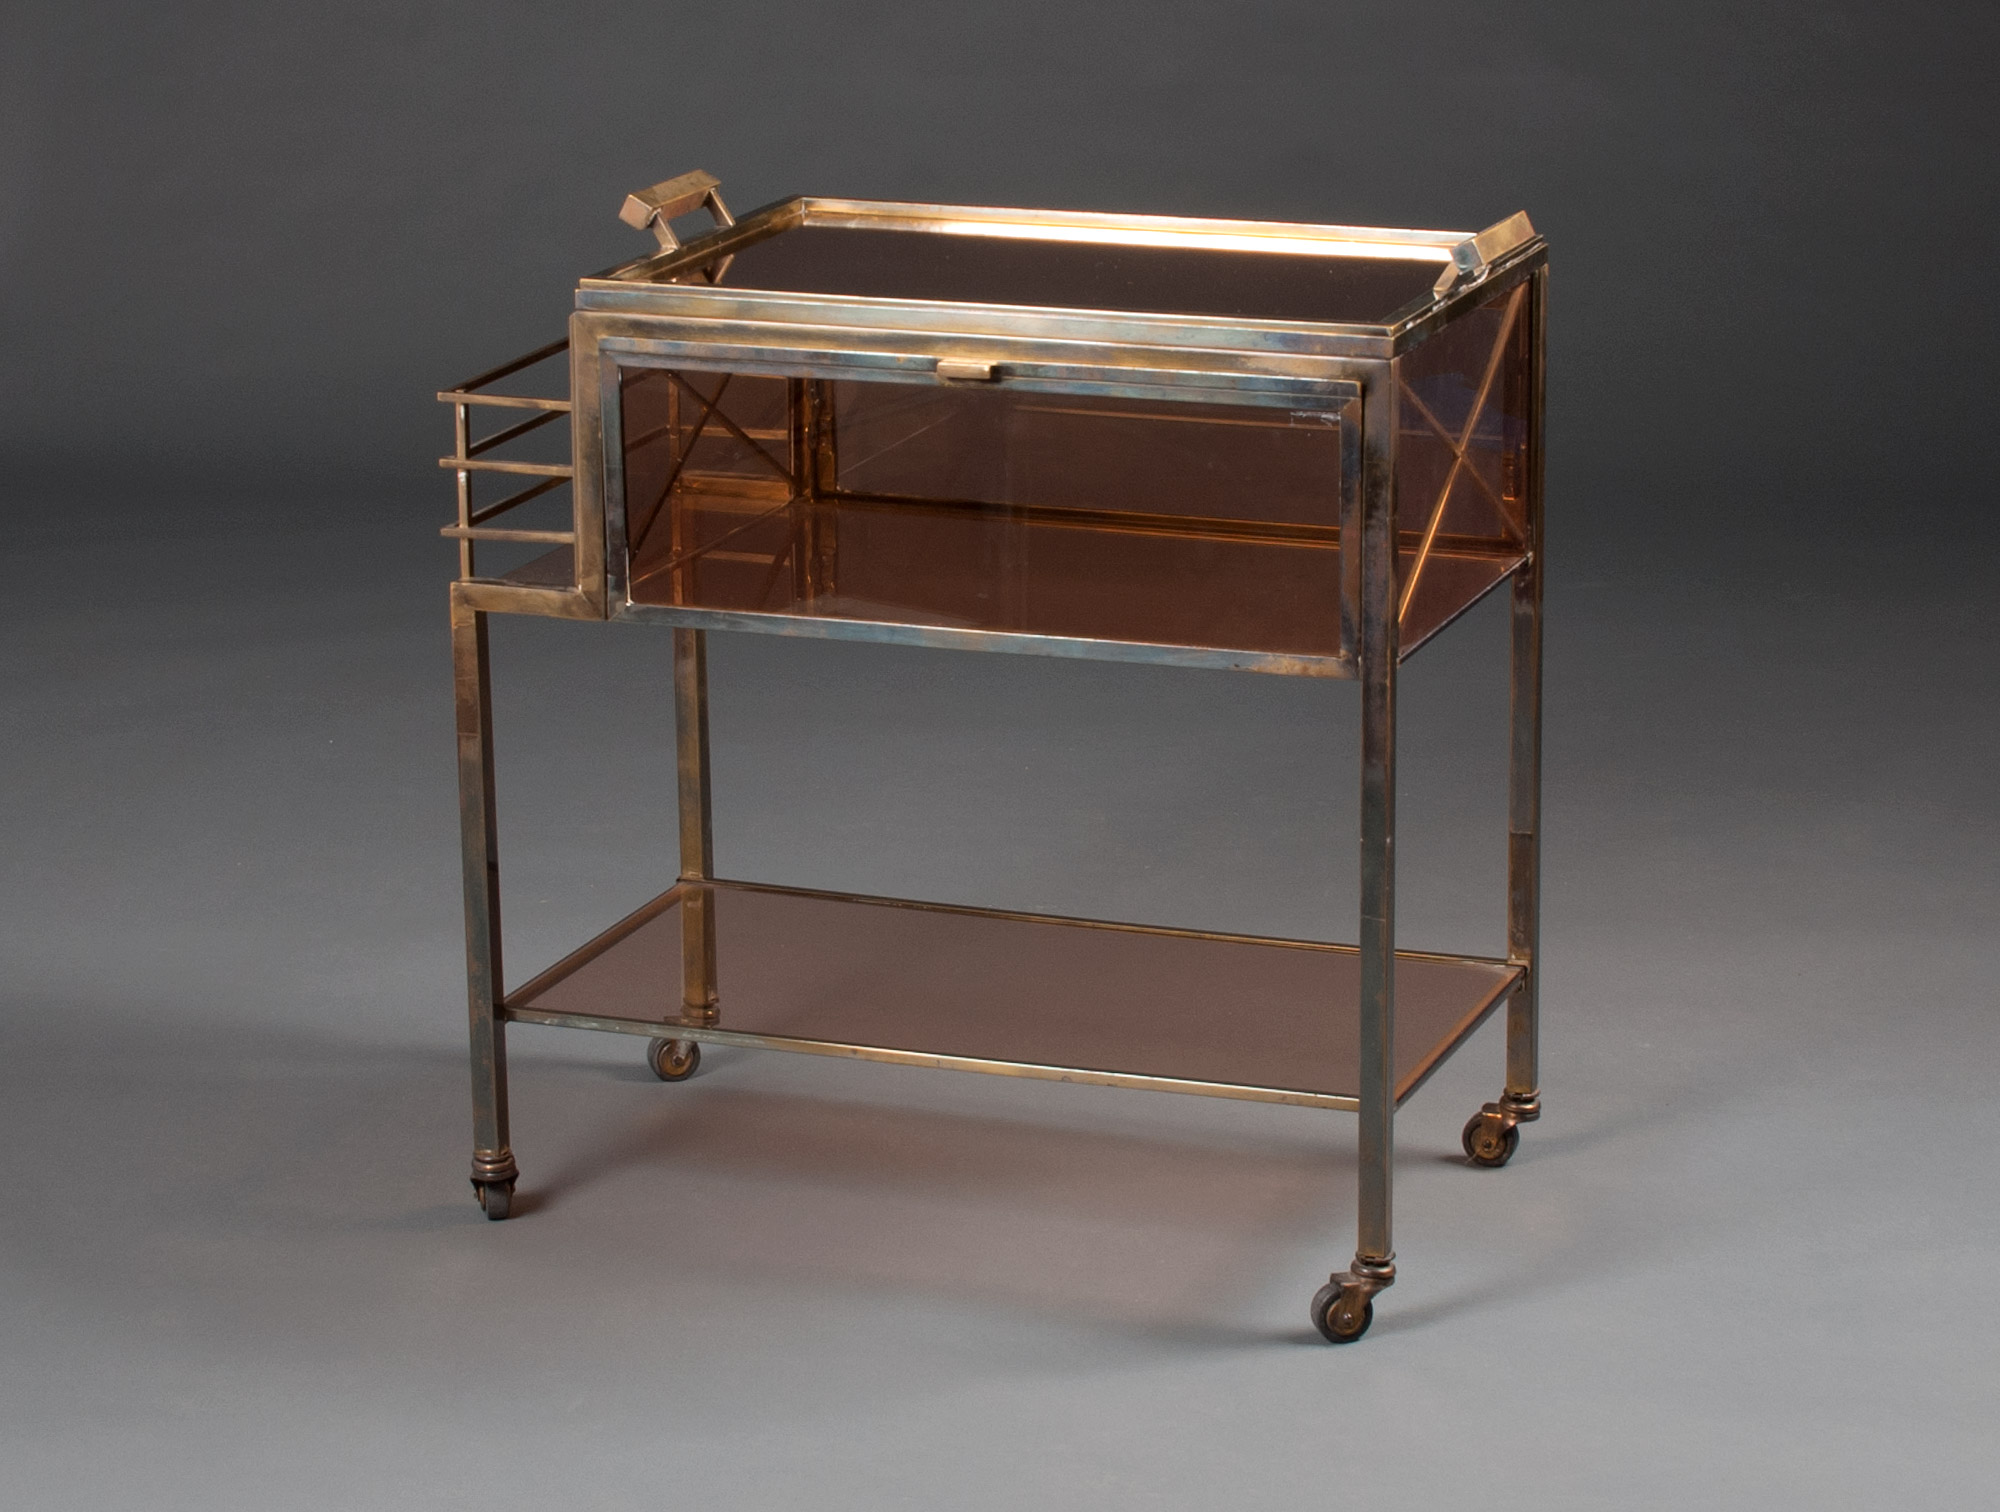 table roulante 1930 soubrier louer tables bureaux table roulante art d co. Black Bedroom Furniture Sets. Home Design Ideas